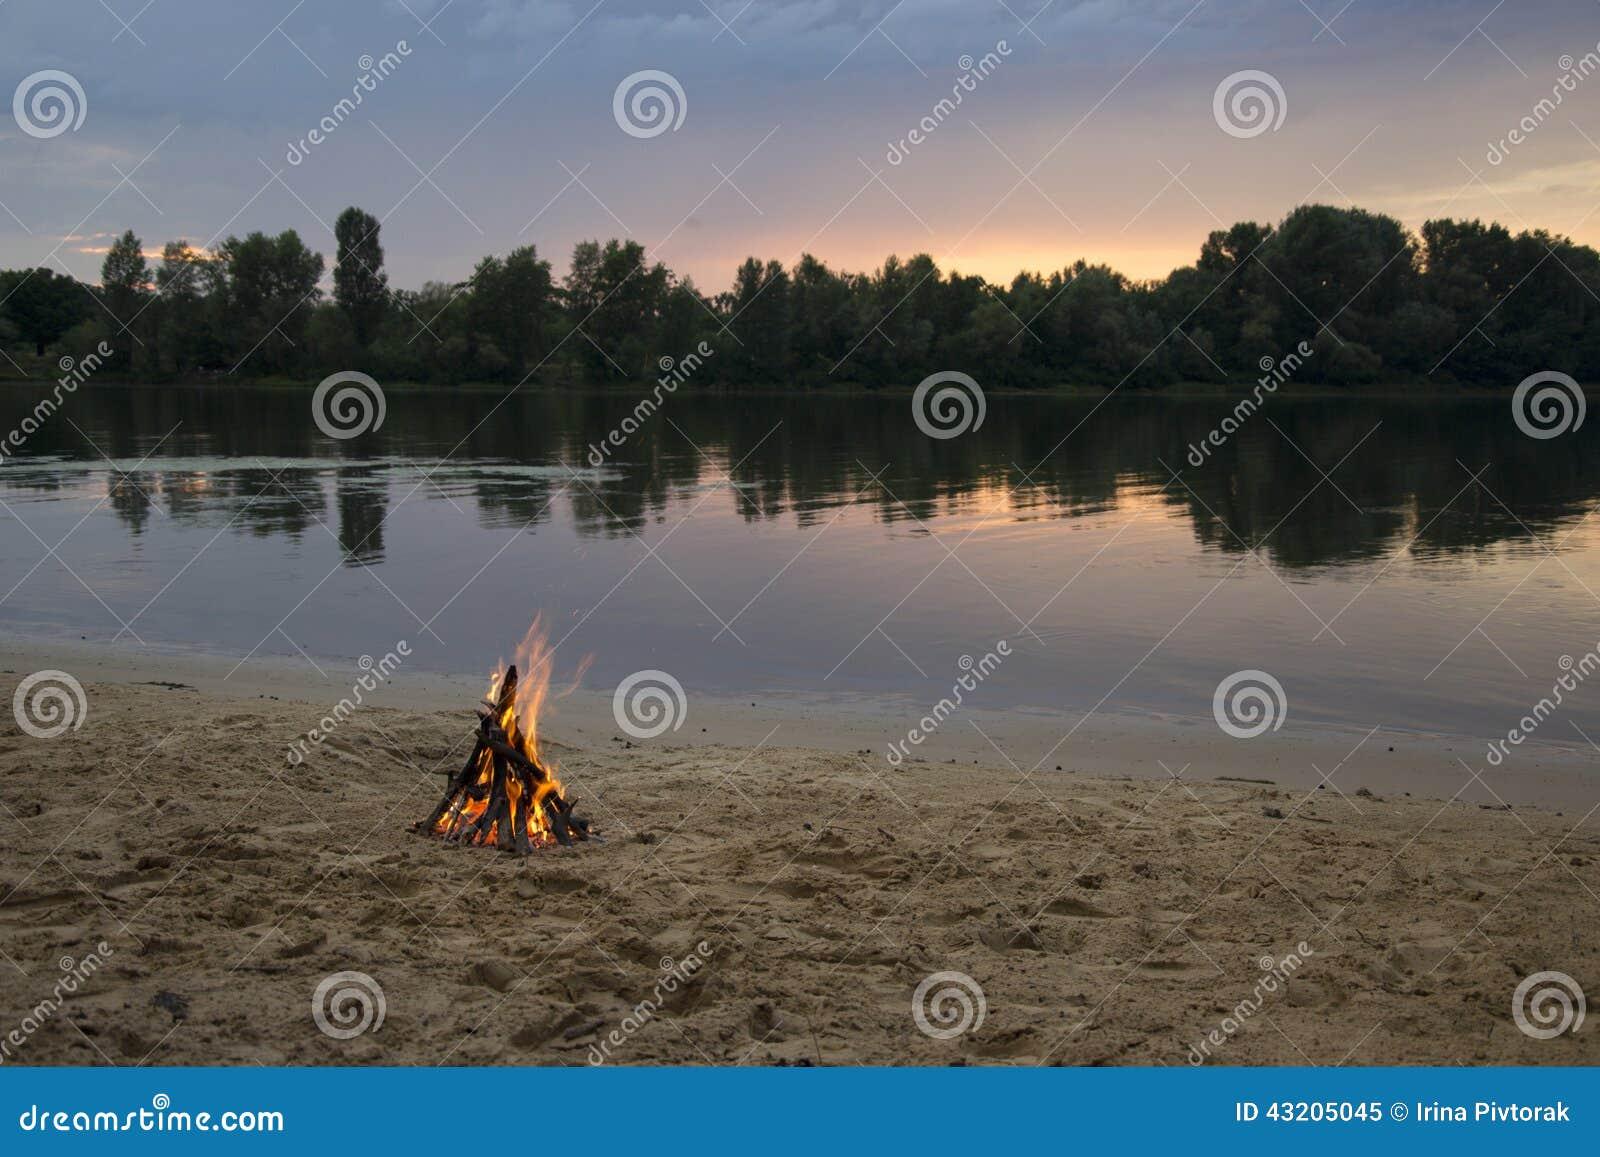 Download Brasa På Banken Av Floden På Solnedgången Fotografering för Bildbyråer - Bild av brasa, oklarhet: 43205045